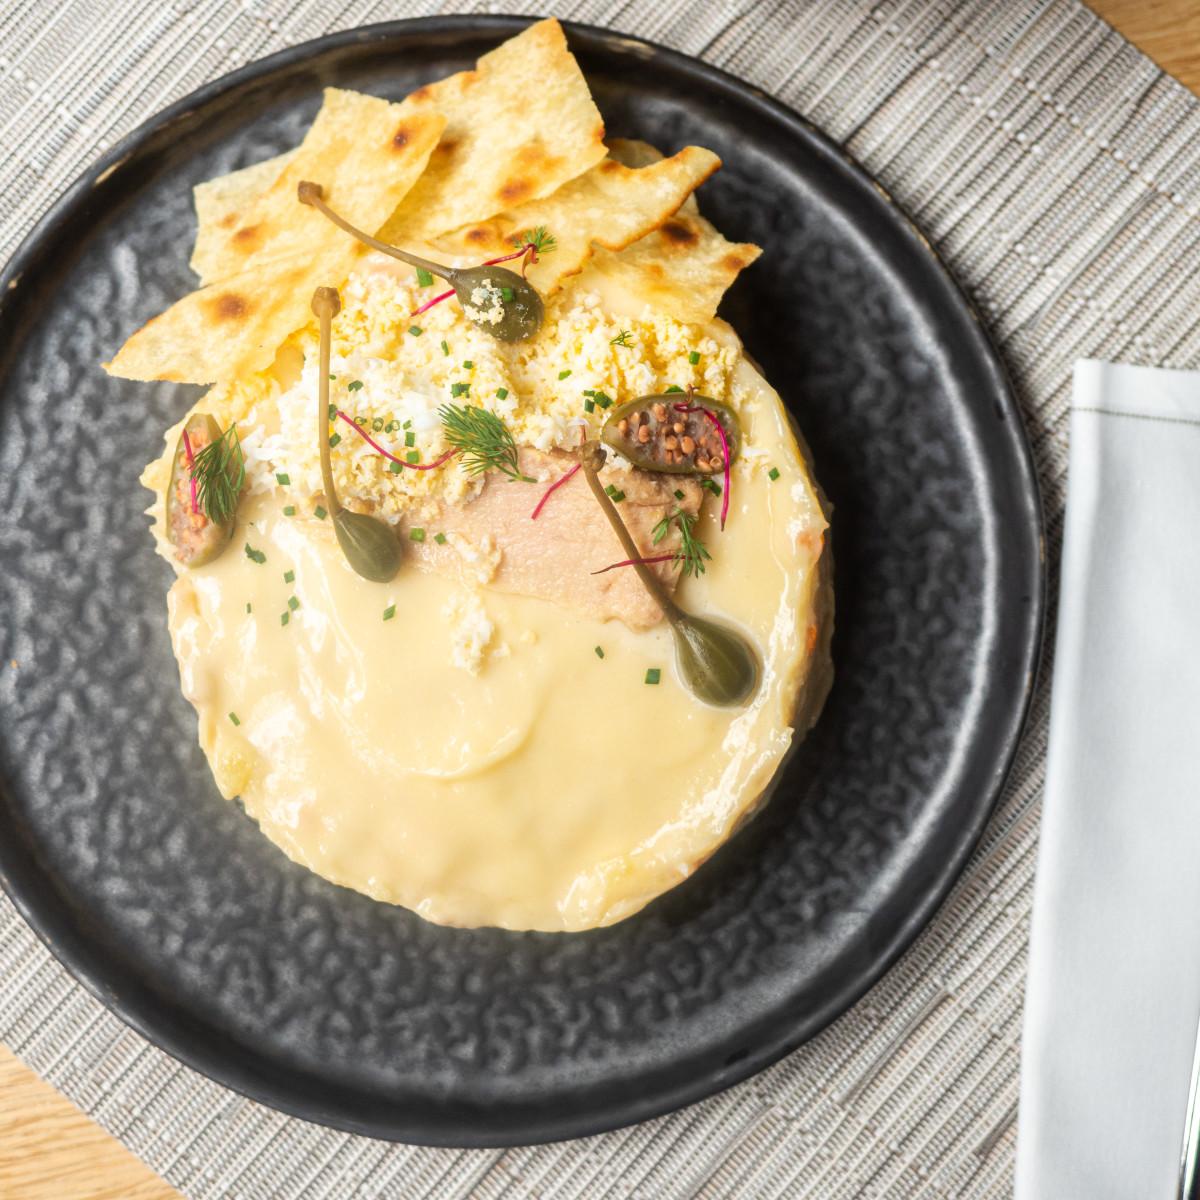 La Ensaladilla de Mint: patata, zanahoria, ventresca de atún, huevo y mayonesa